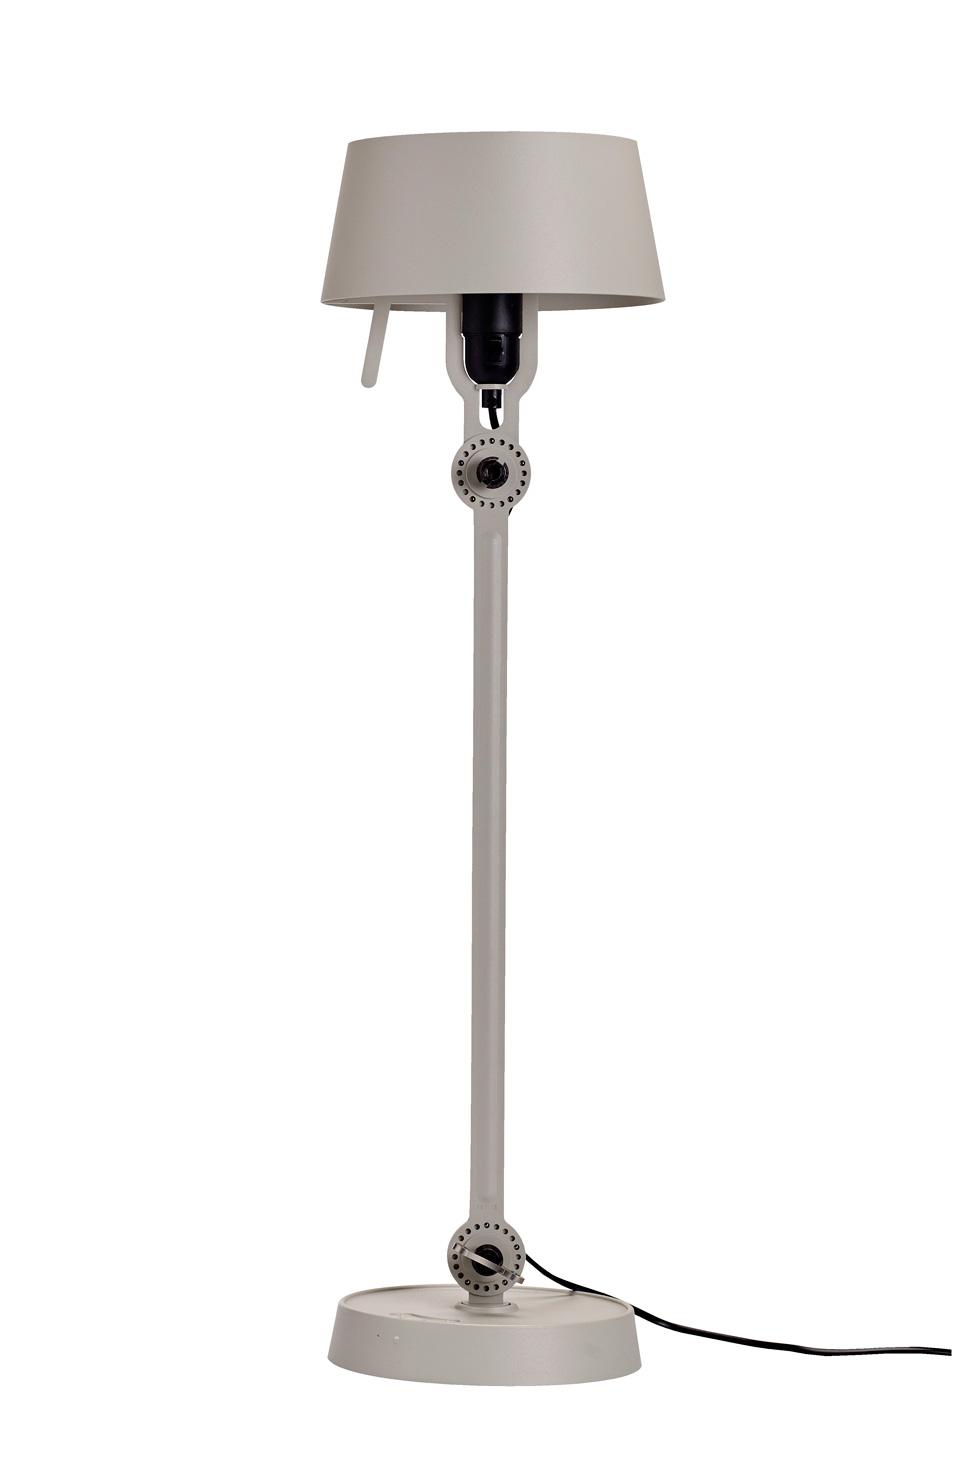 Grande lampe de table grise en acier style industriel Bolt. Tonone.